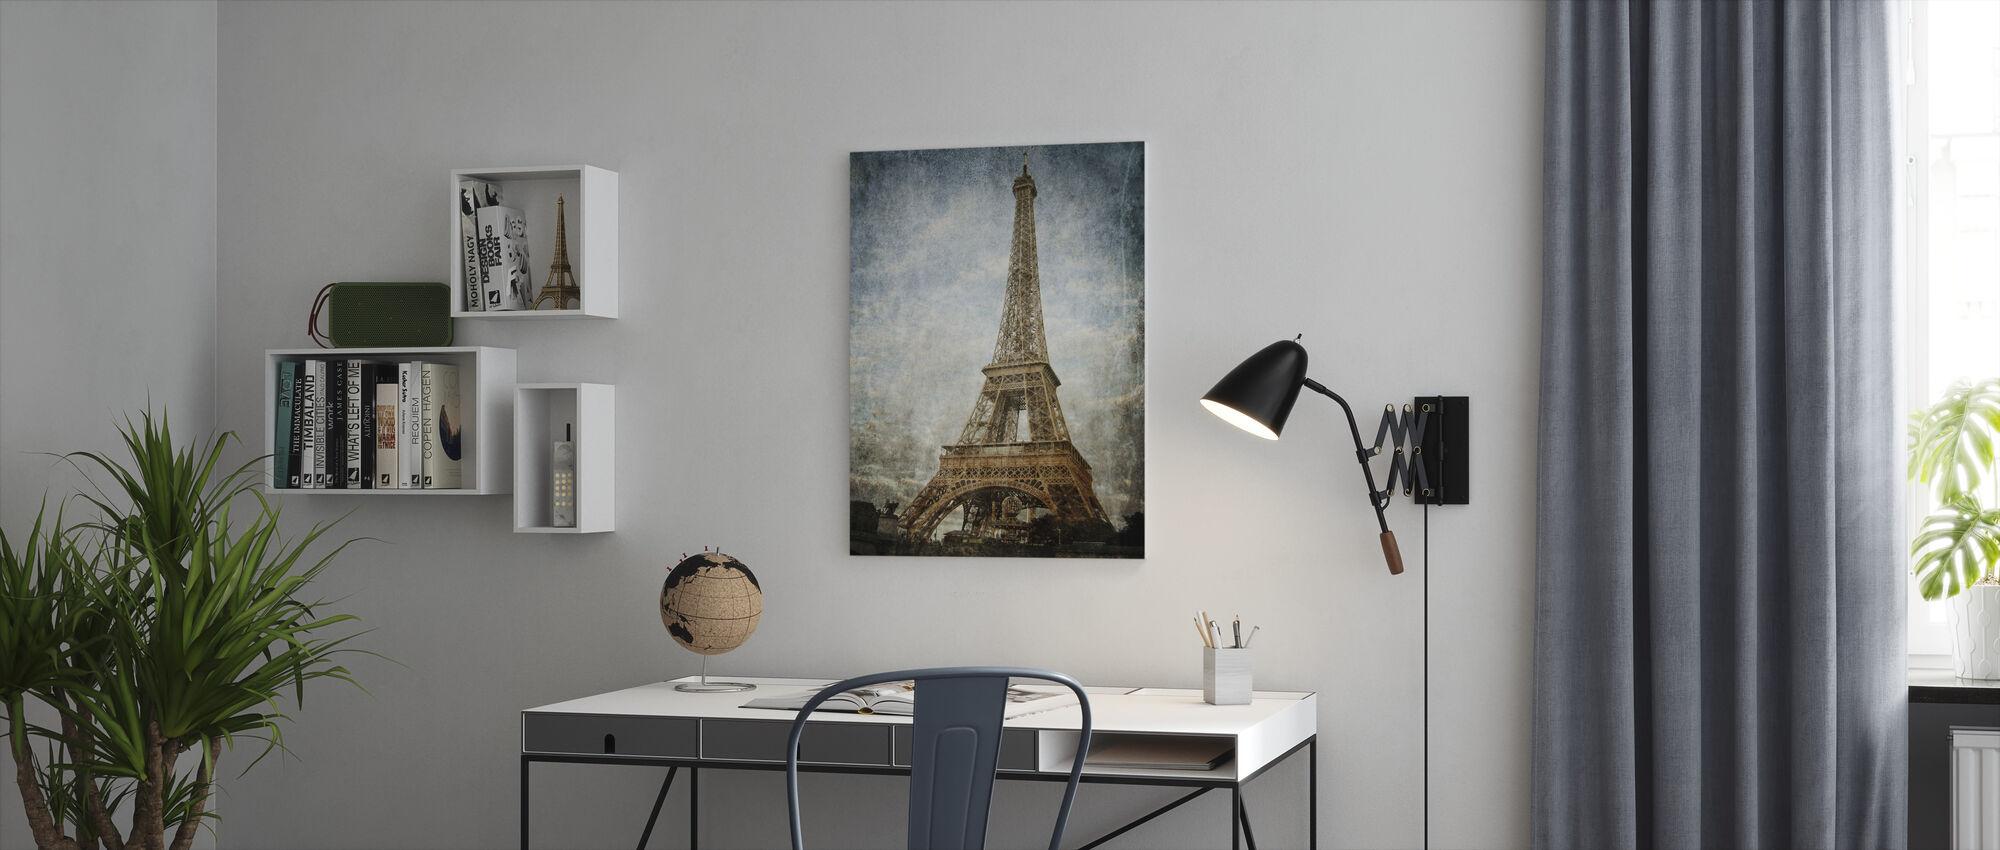 Vintage Eiffeltornet - Canvastavla - Kontor